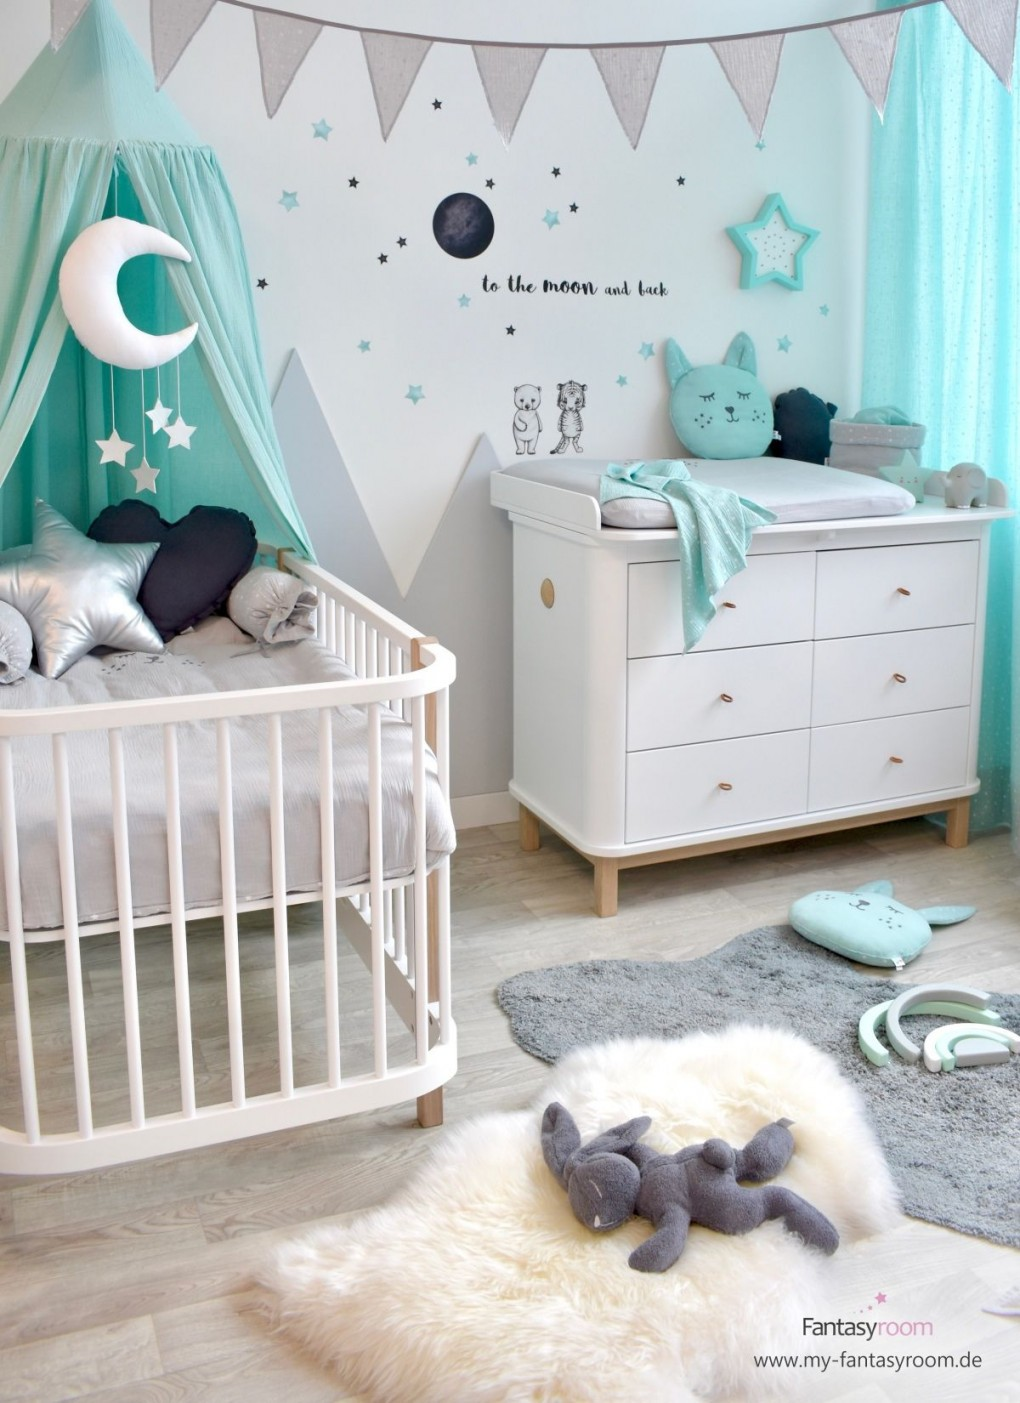 Babyzimmer Mit Bergen In Mint  Grau Bei Fantasyroom Online von Babyzimmer Grau Mint Bild